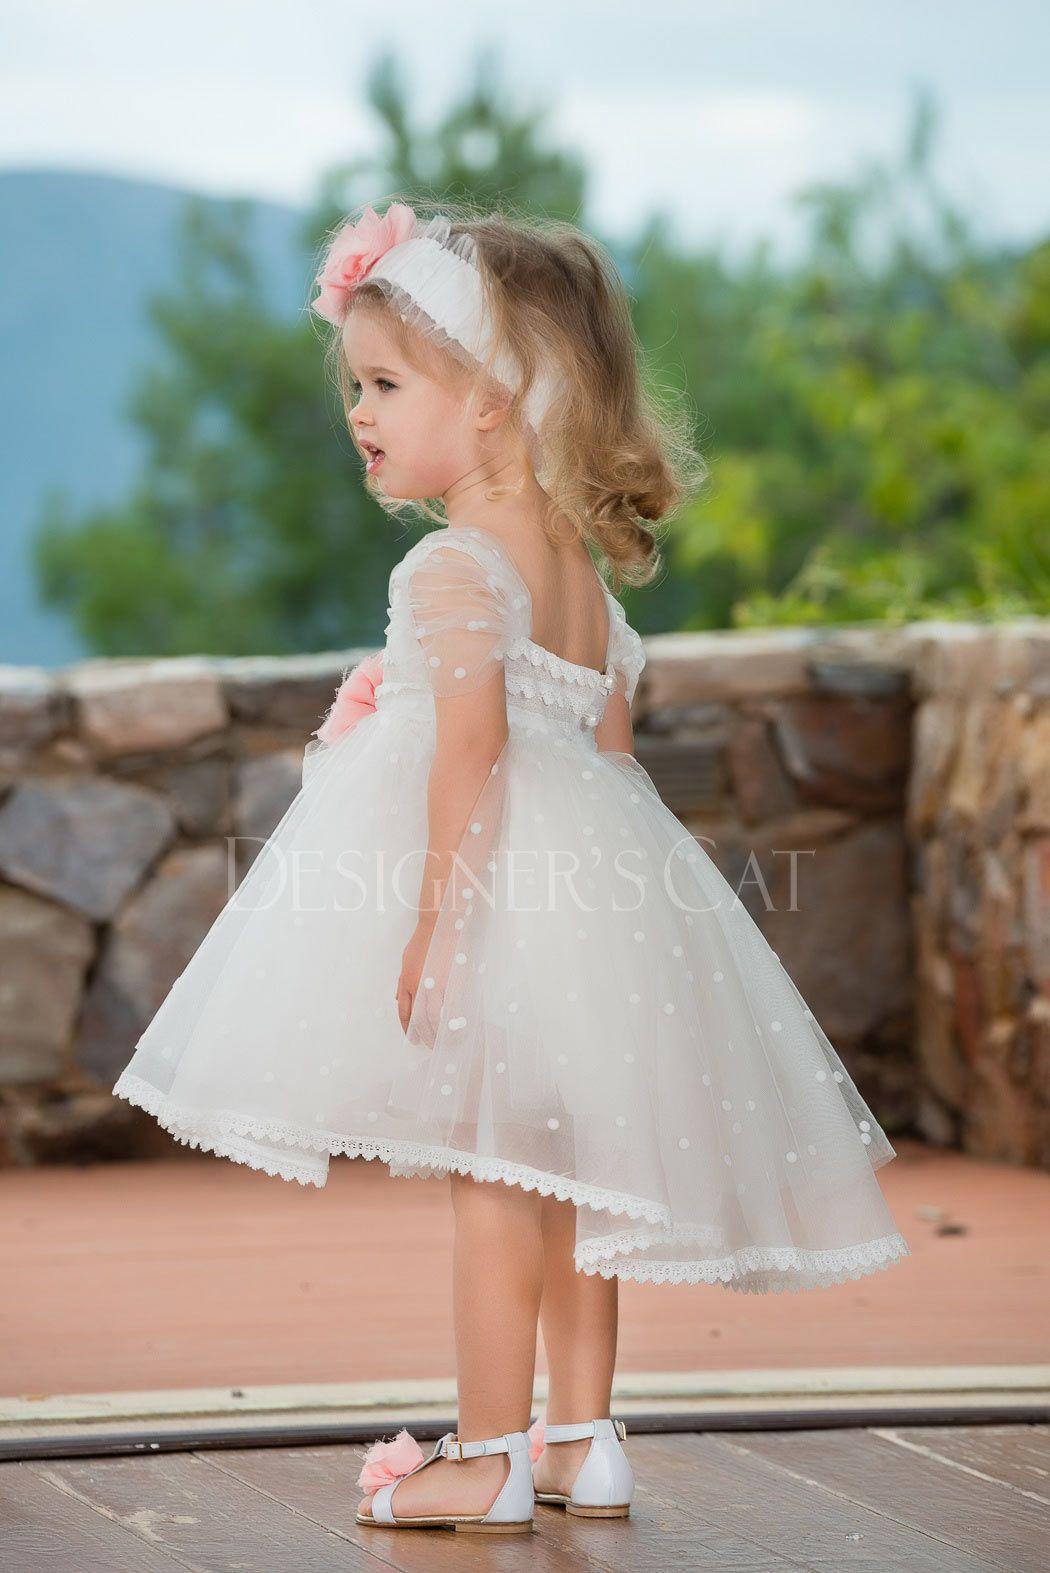 des.ADREIA Ασύμμετρο φόρεμα  βάπτισης 4e62aec5c2f